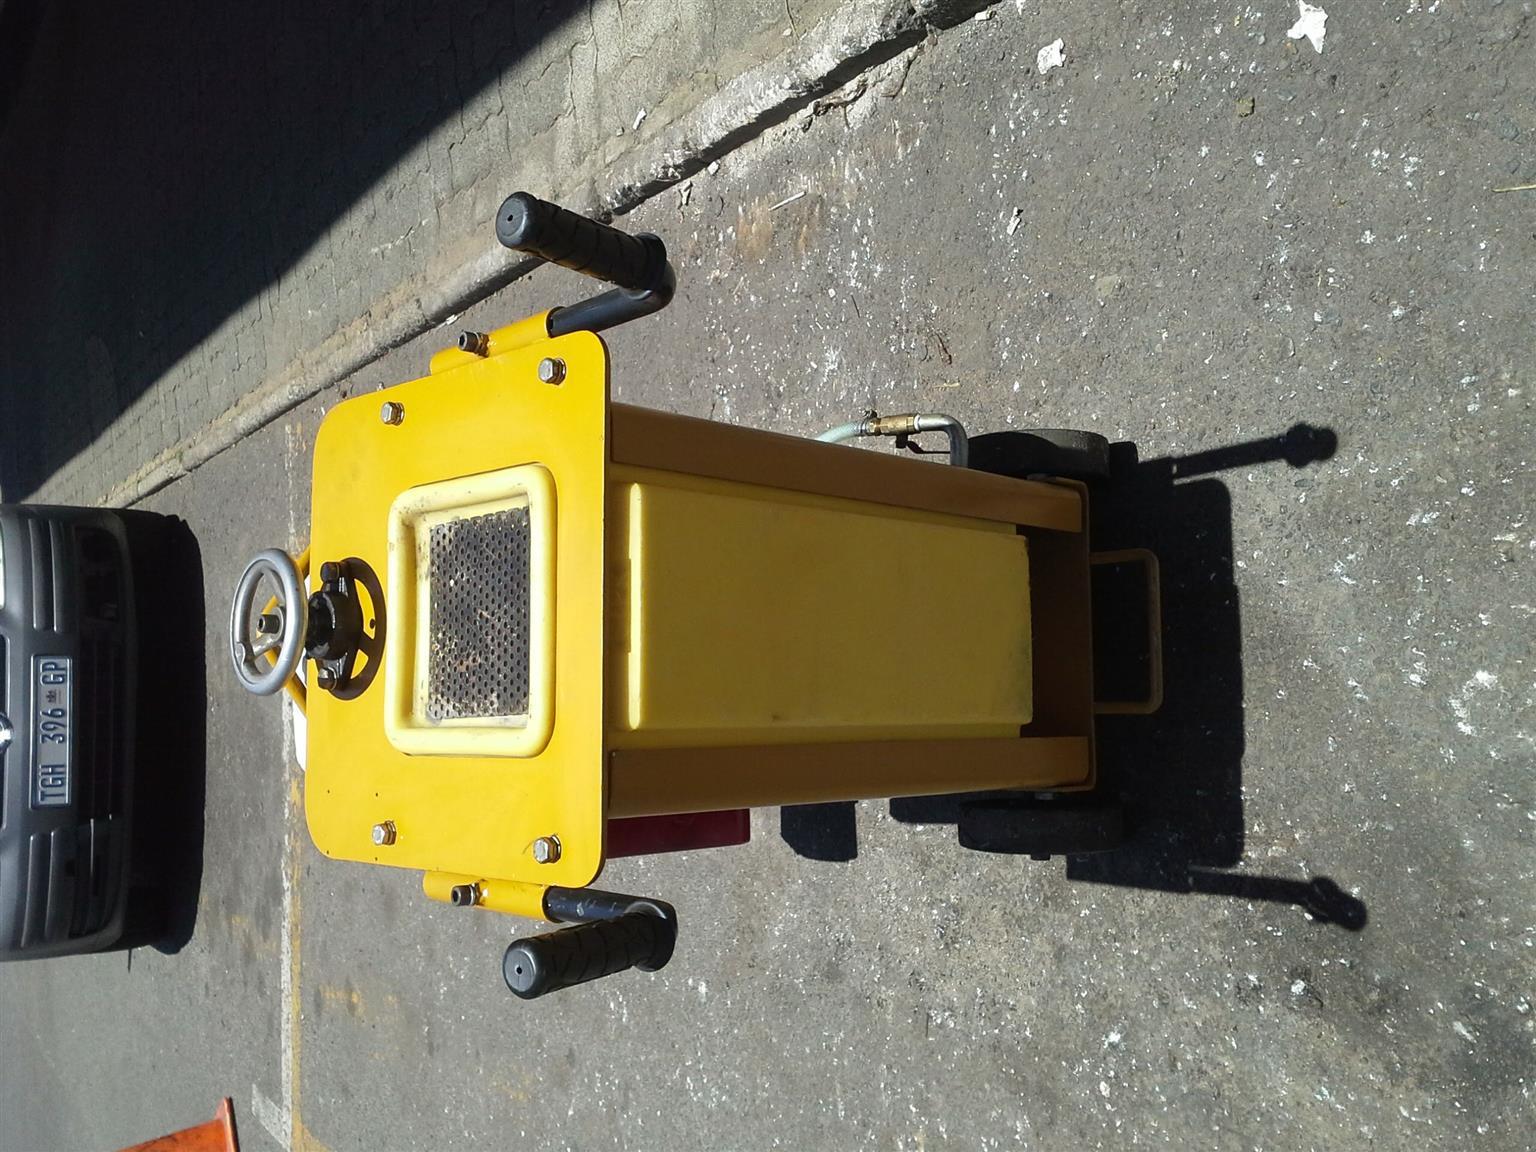 Hoppt/Honda Concrete cutter